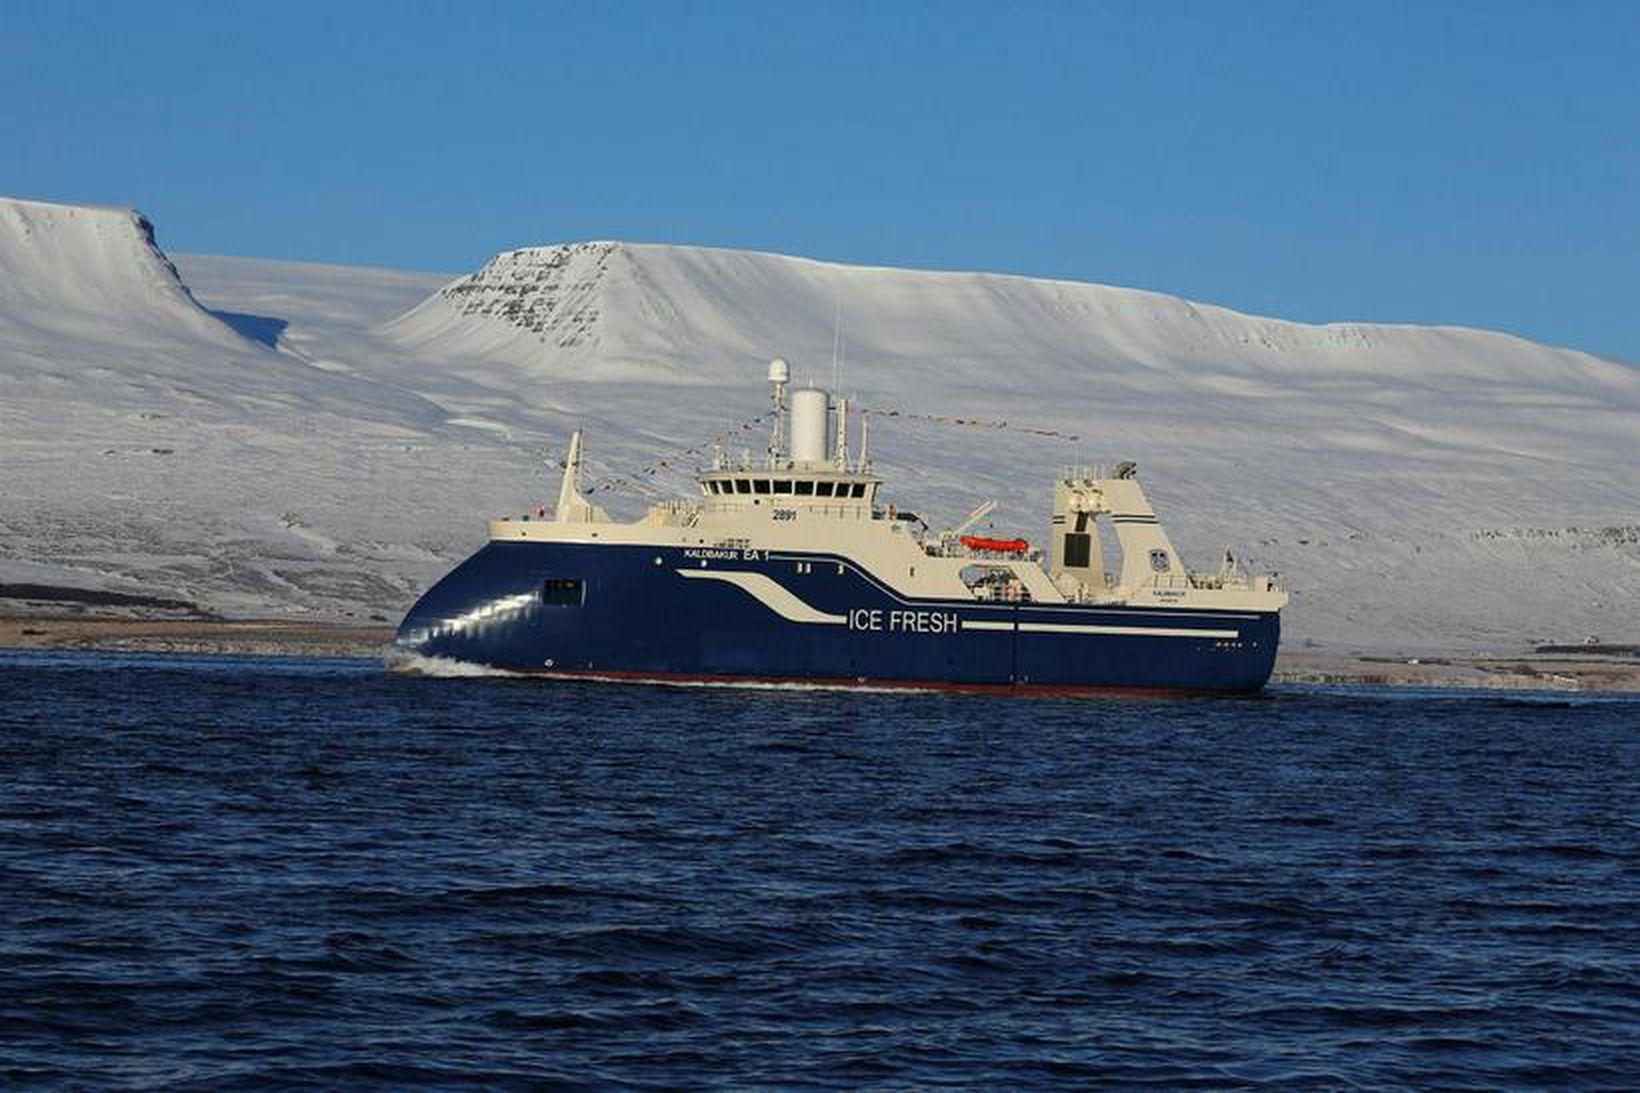 Kaldbakur er eitt þeirra skipa Samherja sem flúðu veðrið og …